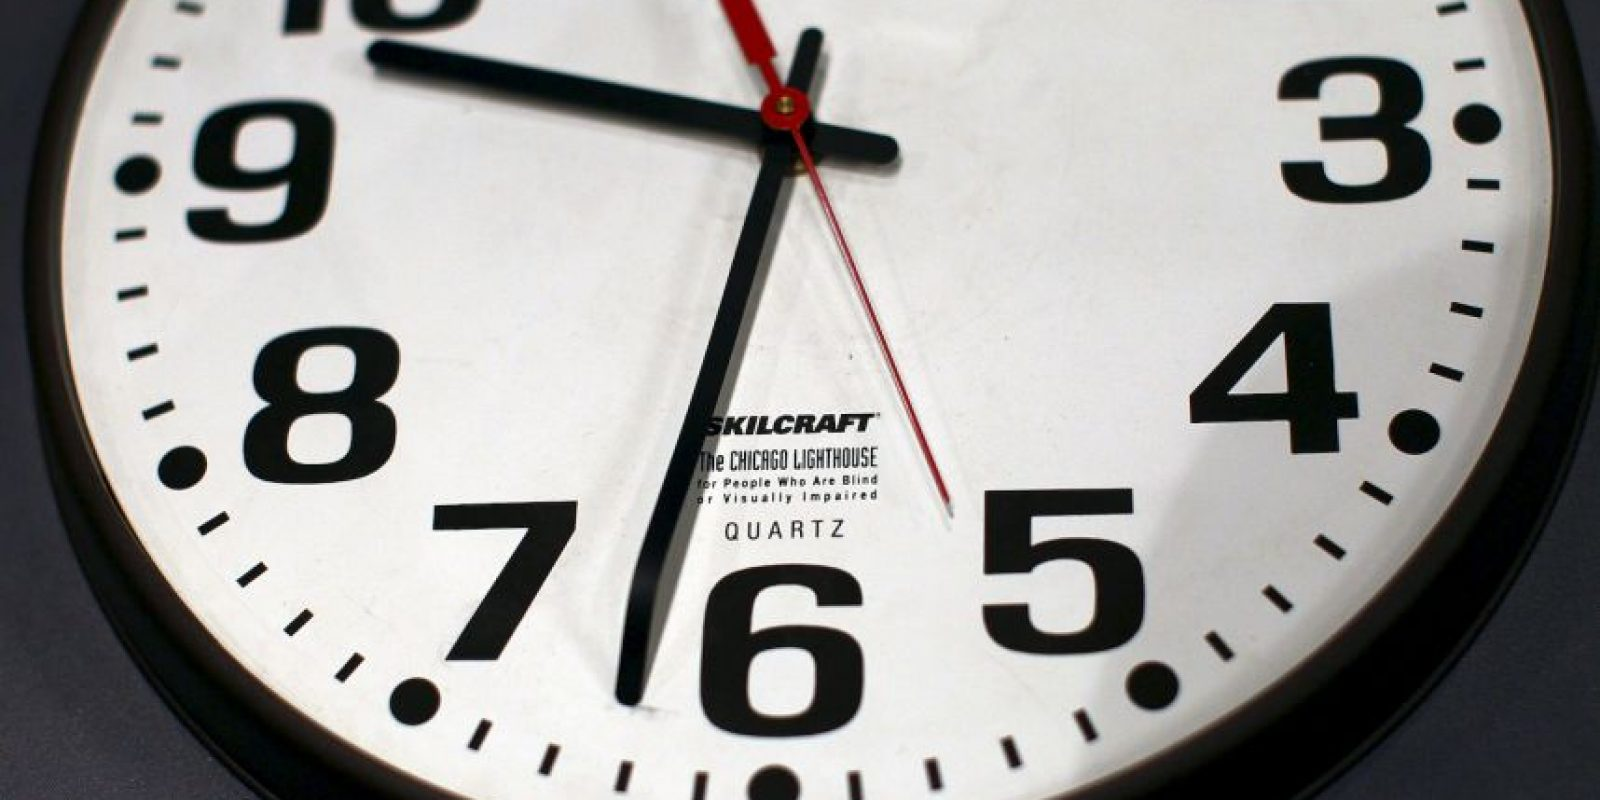 El próximo 30 de junio a las 24 horas se incrementará un segundo la cuenta de relojes. Foto:Getty Images